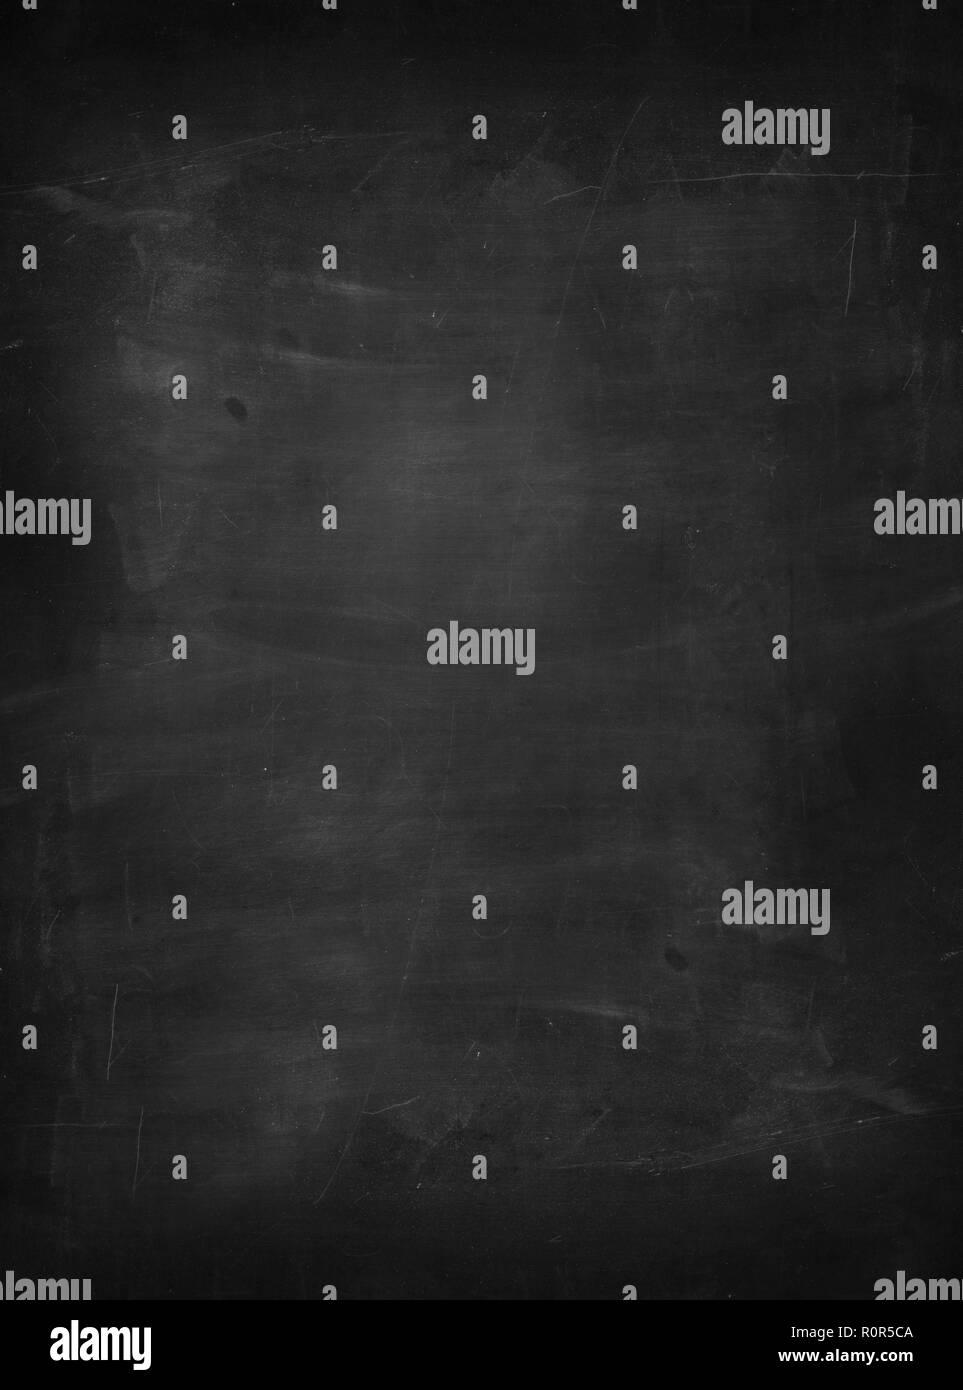 Leere schoolboard Hintergrund Vollbild Textur mit Platz für eigenen Text Stockbild